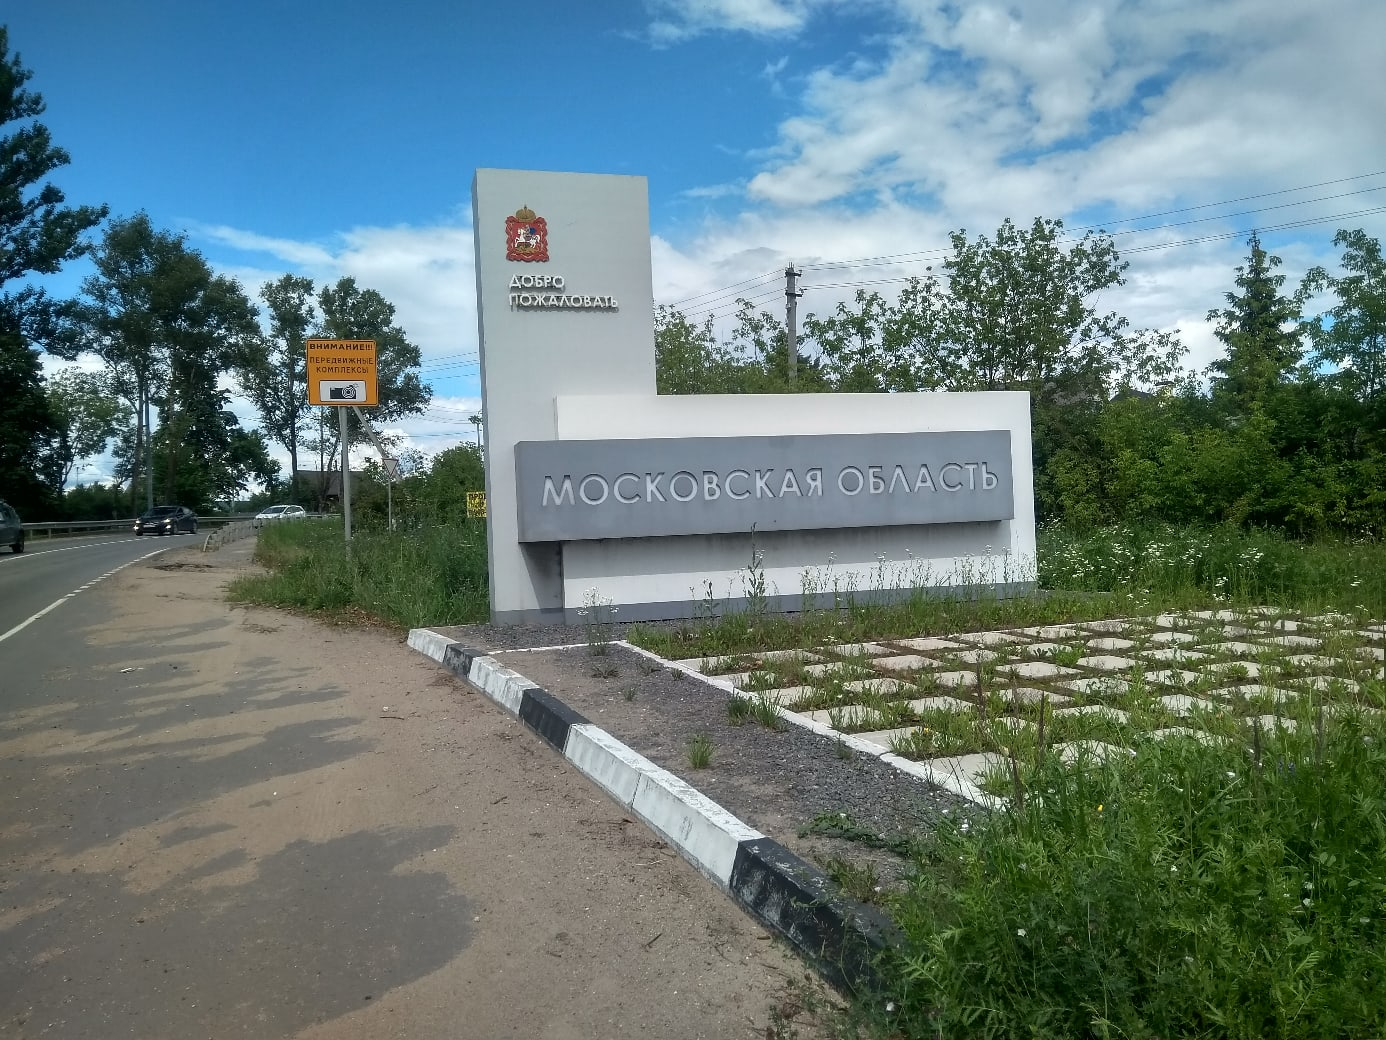 Стелла на въезде  в московскую область